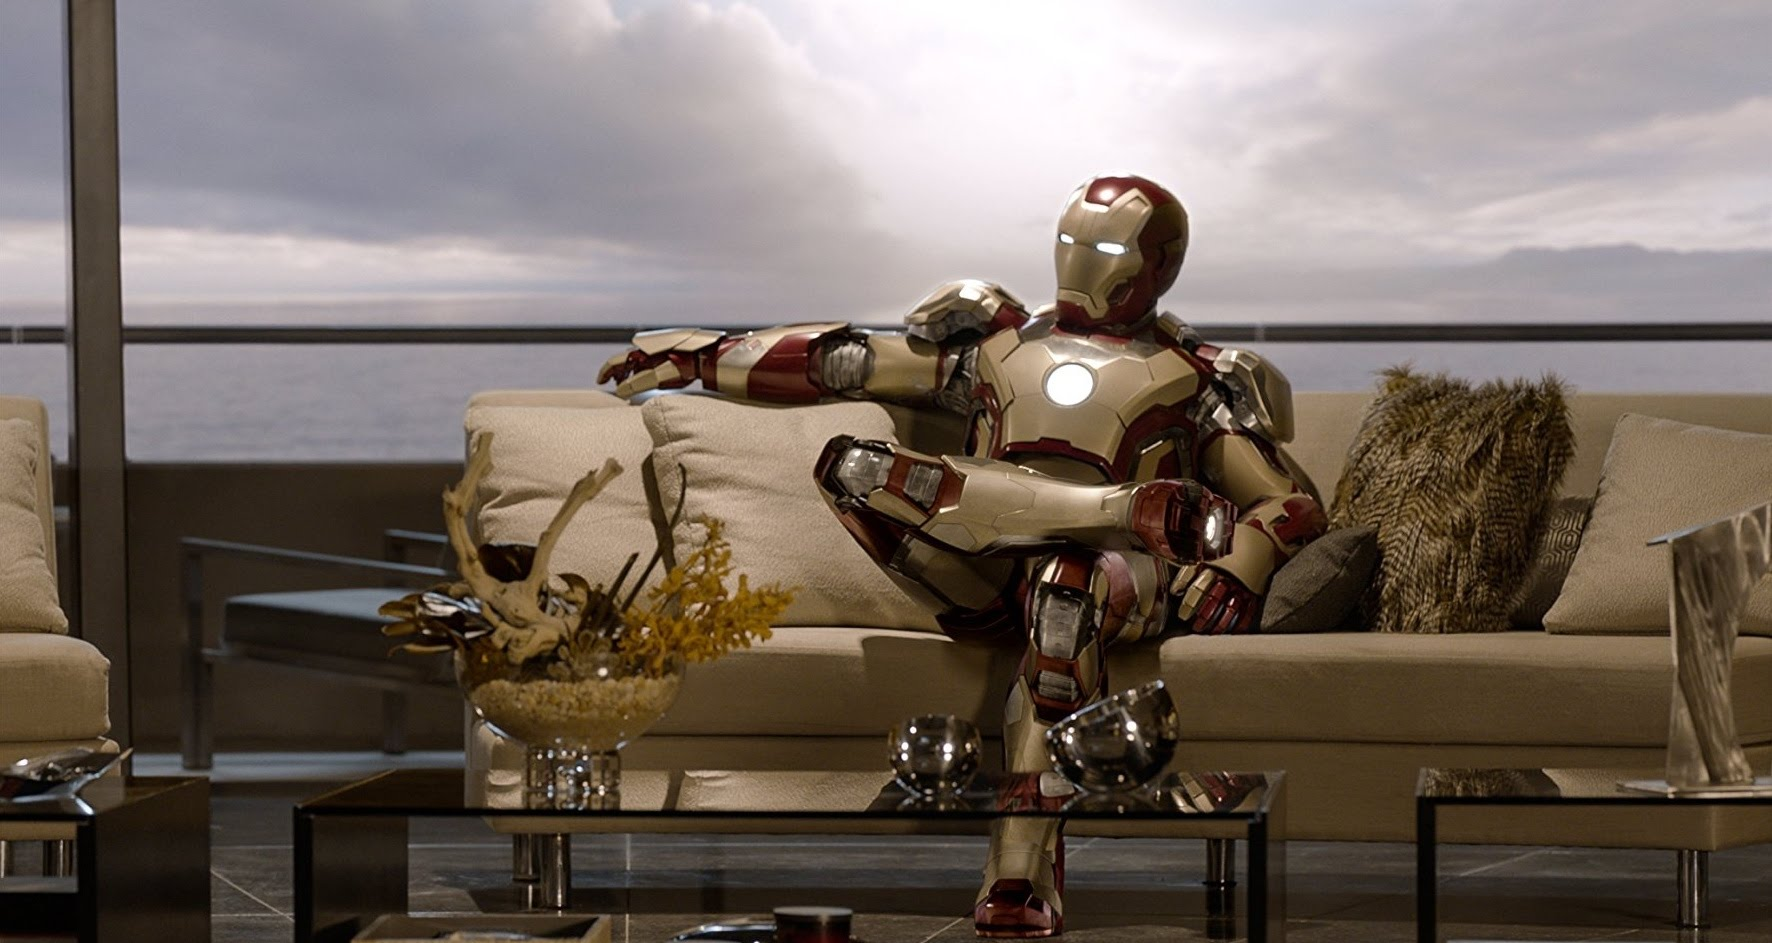 Nonton Film Subtitle Indonesia Iron Man Man 3 Full Movies HQ MP4